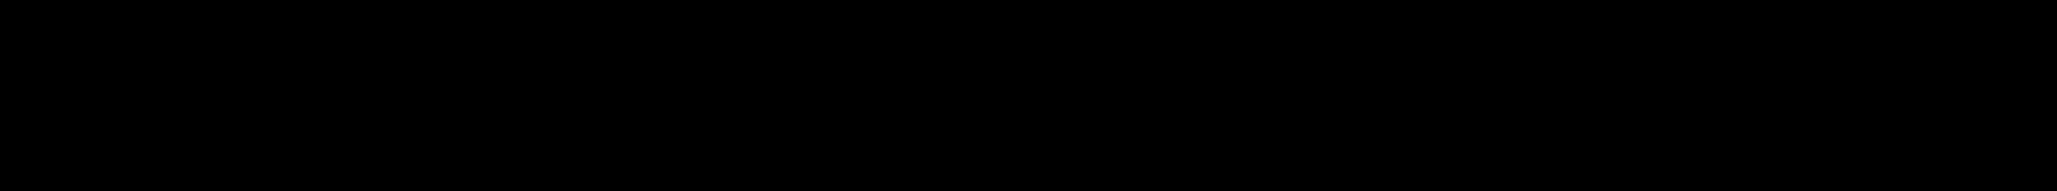 Design System C 100R